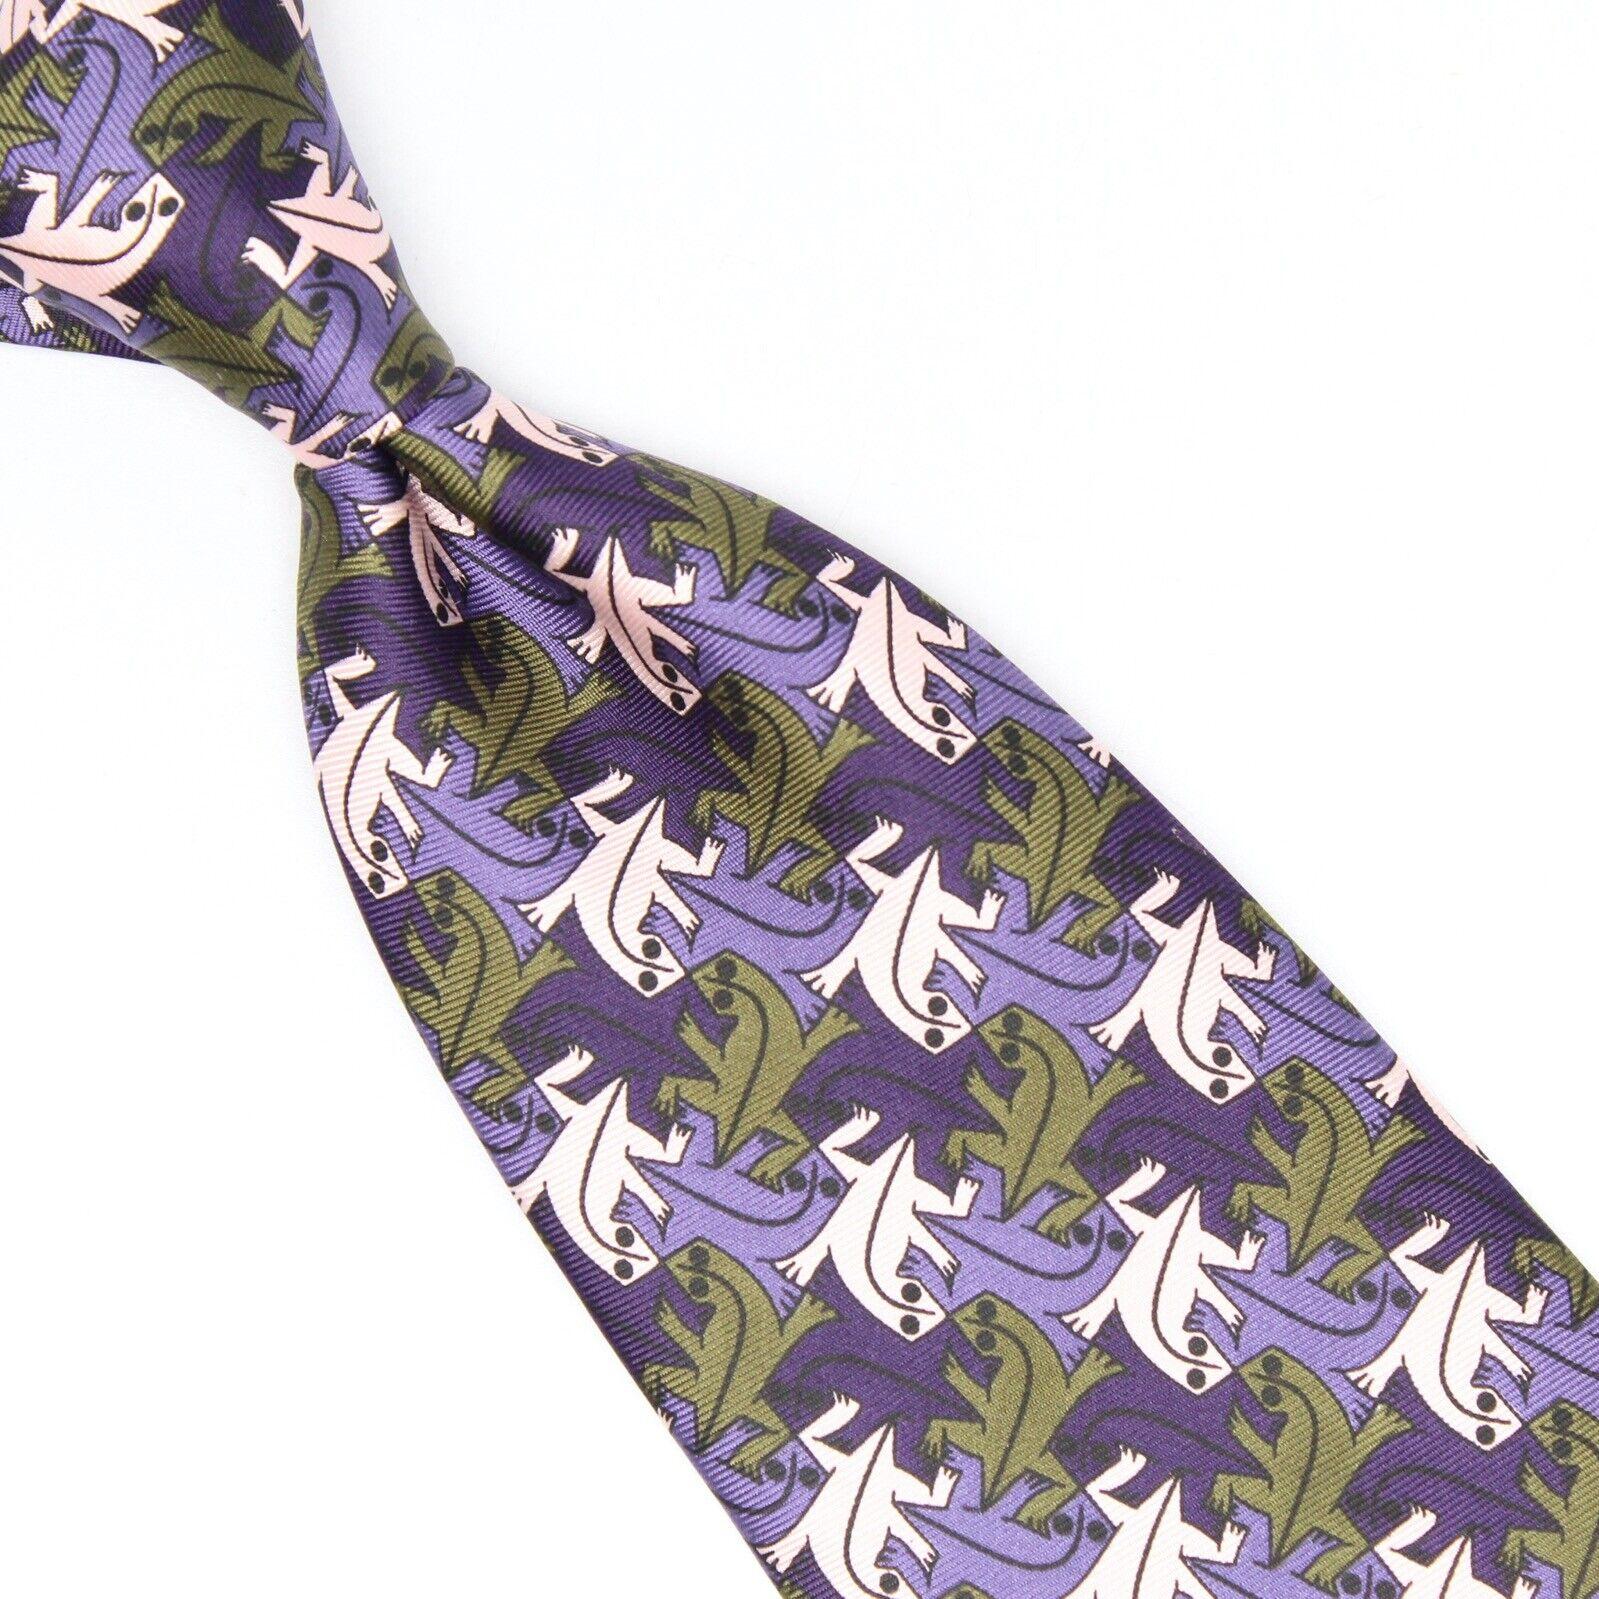 Mc Escher Herren Seide Krawatte Lila Rosa Grün Boxelder Critter Aufdruck